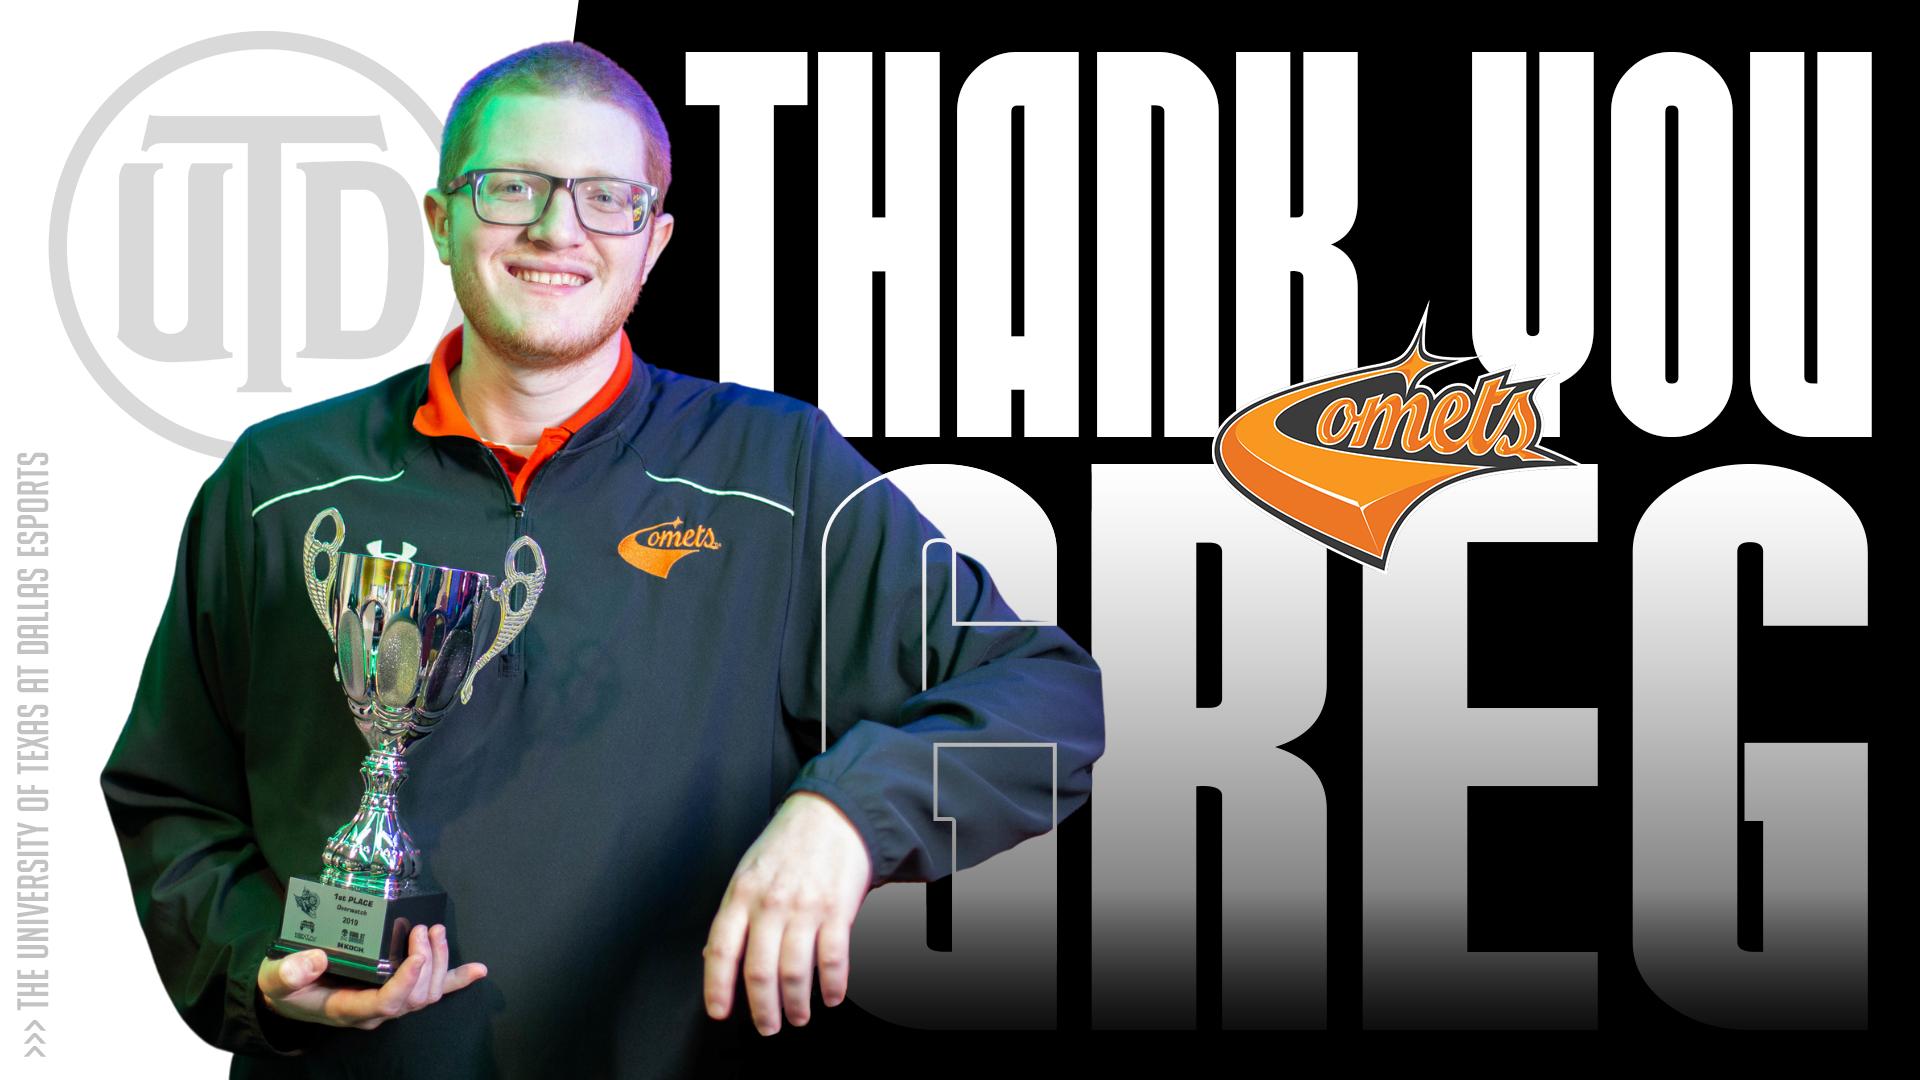 Thank You Greg Adler